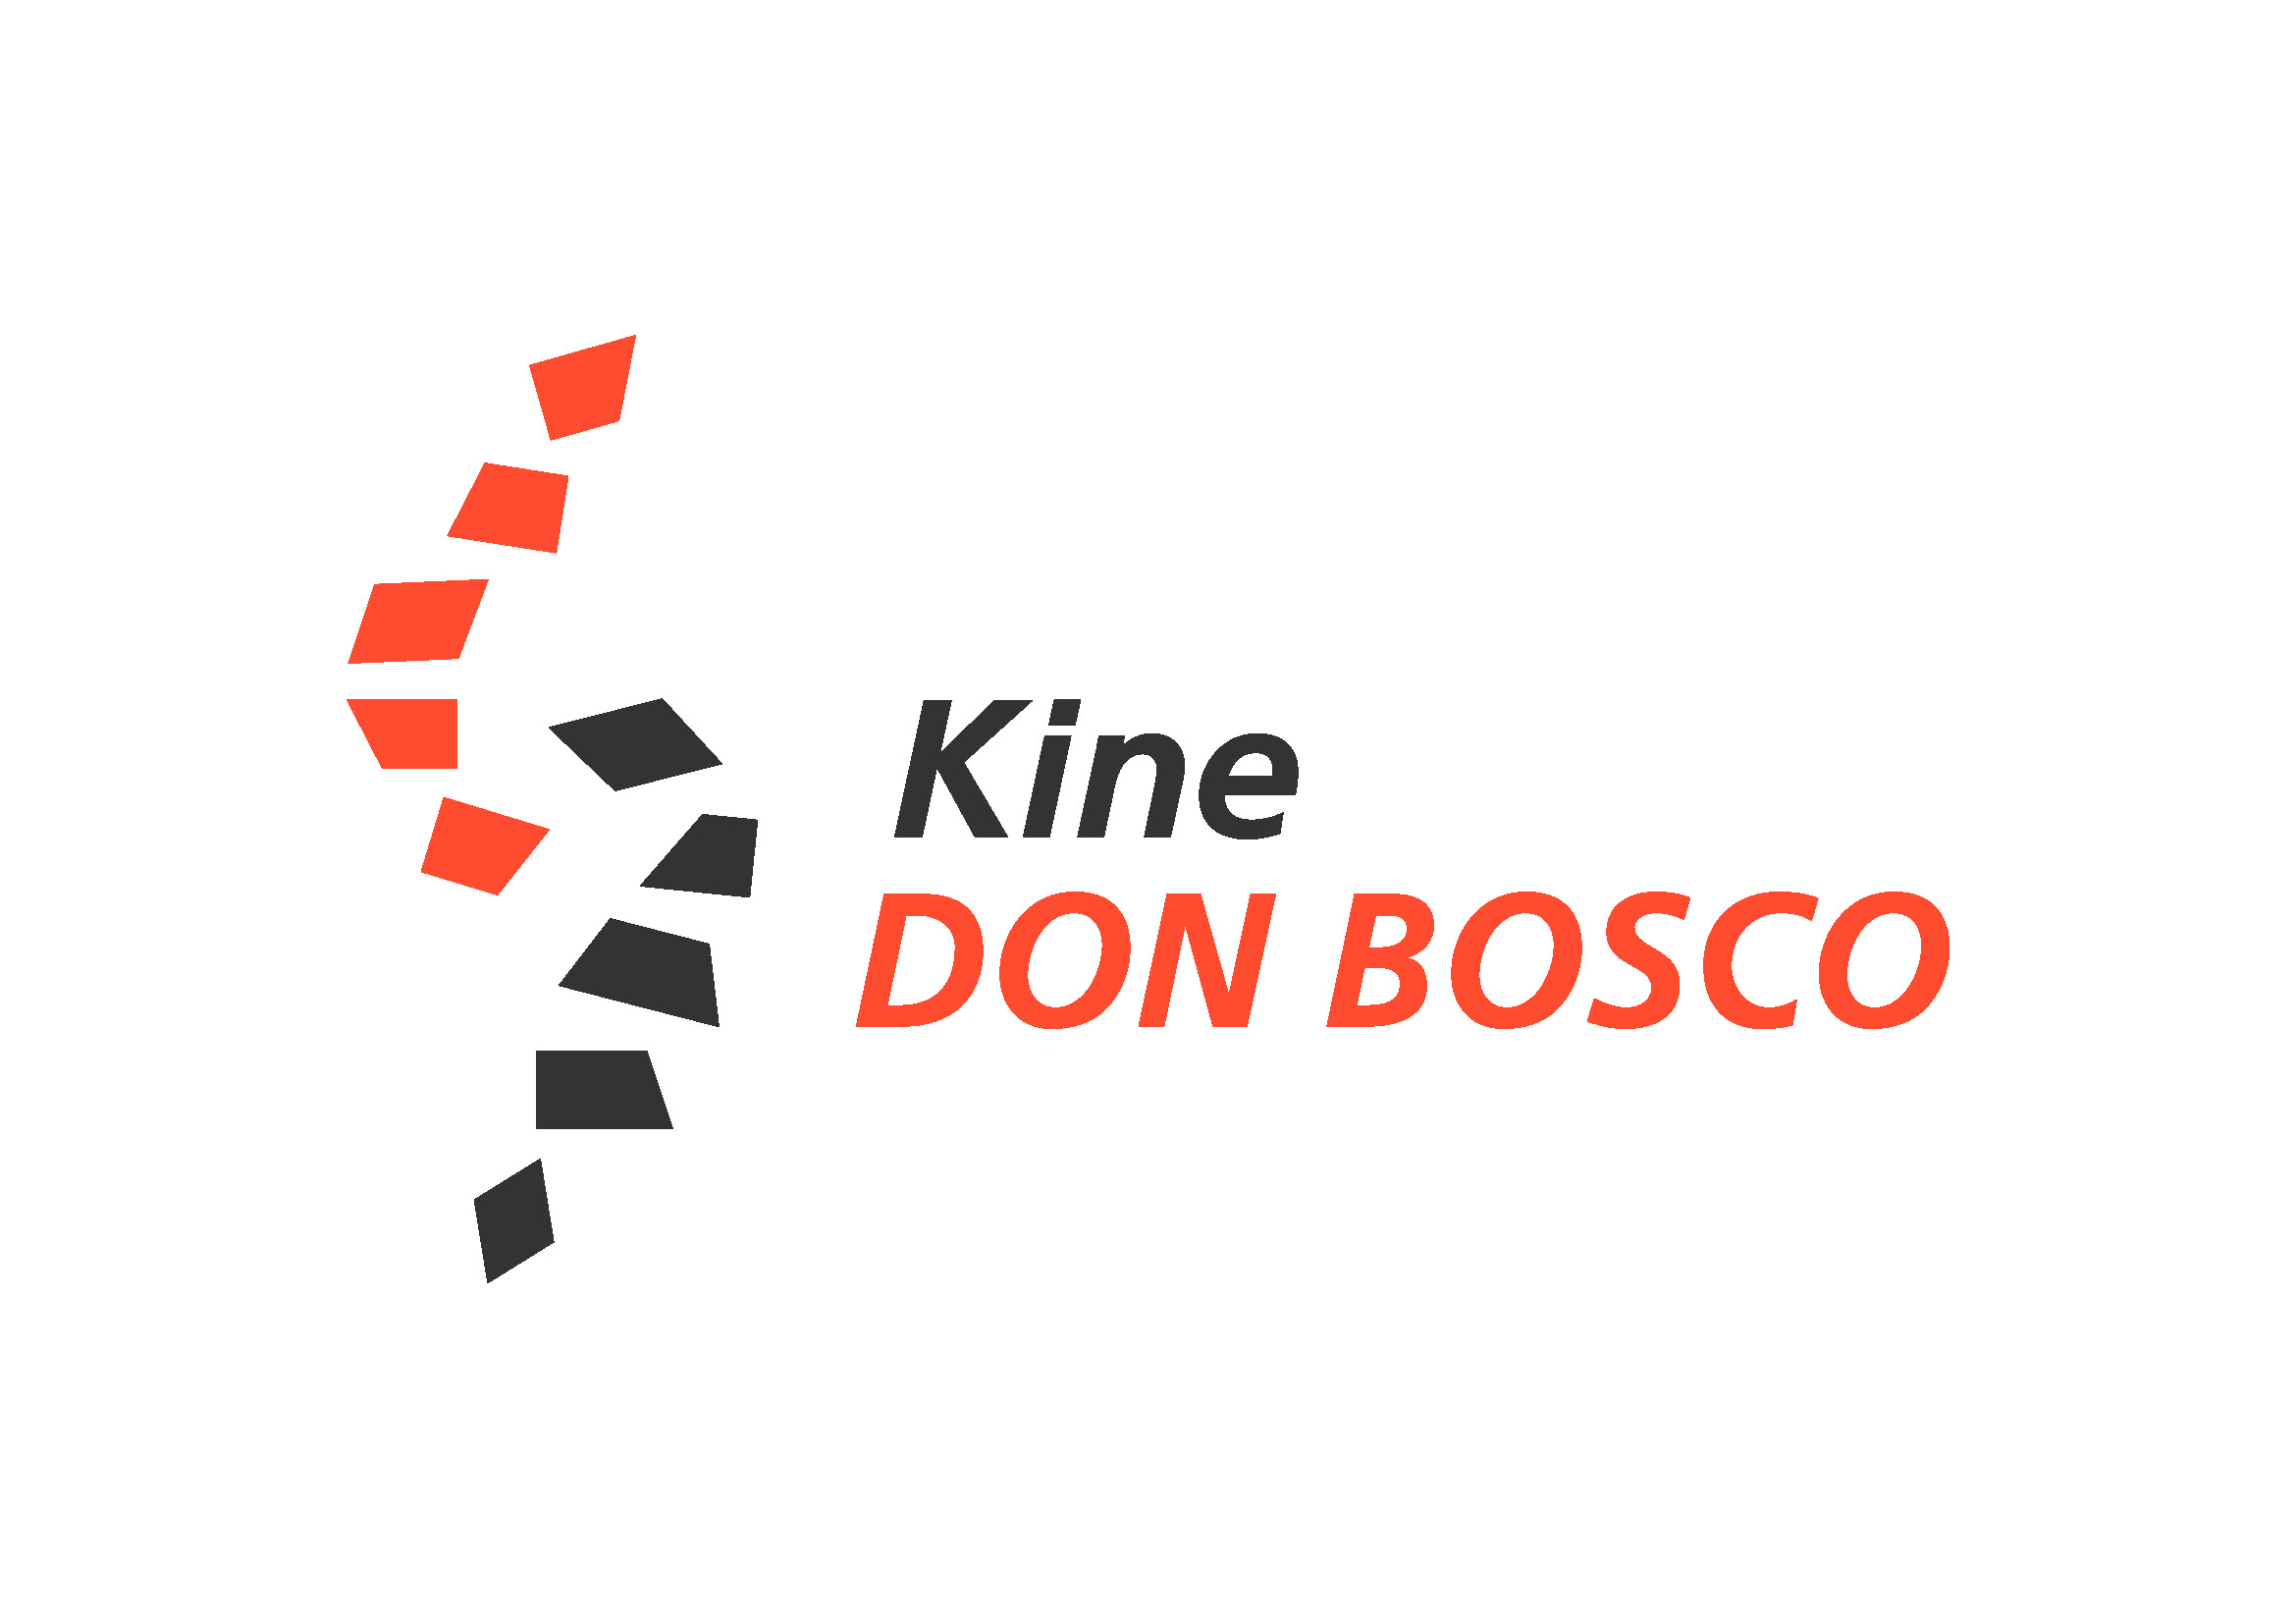 Kine Annick Velghe - Don Bosco